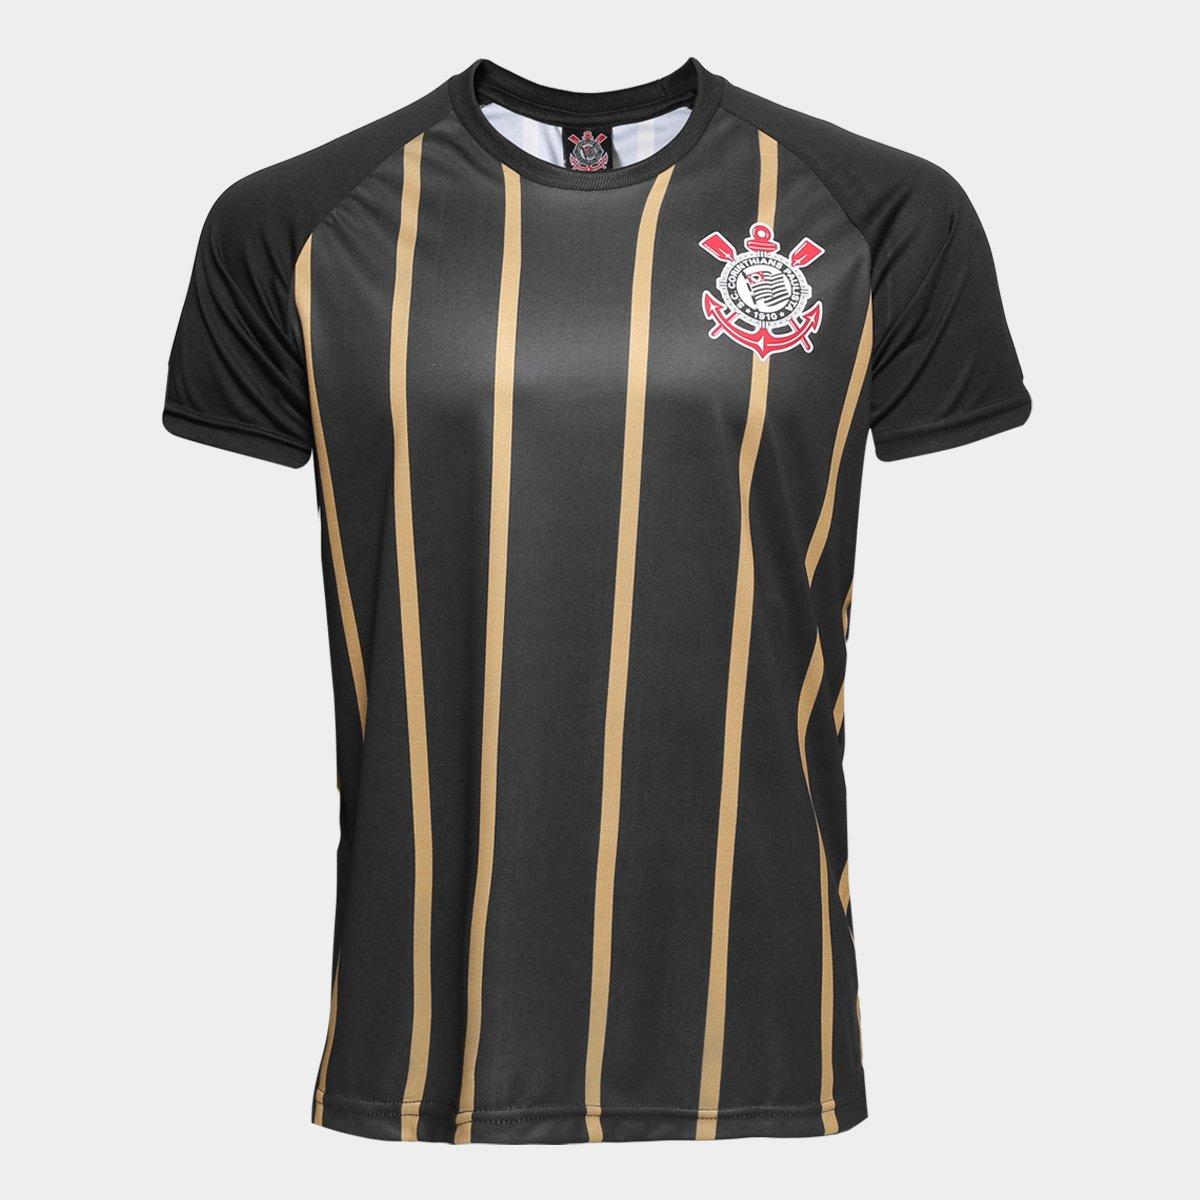 7be8f1c4b Camisa Corinthians Gold nº10 - Edição Limitada Masculina - Preto e Dourado  - Compre Agora